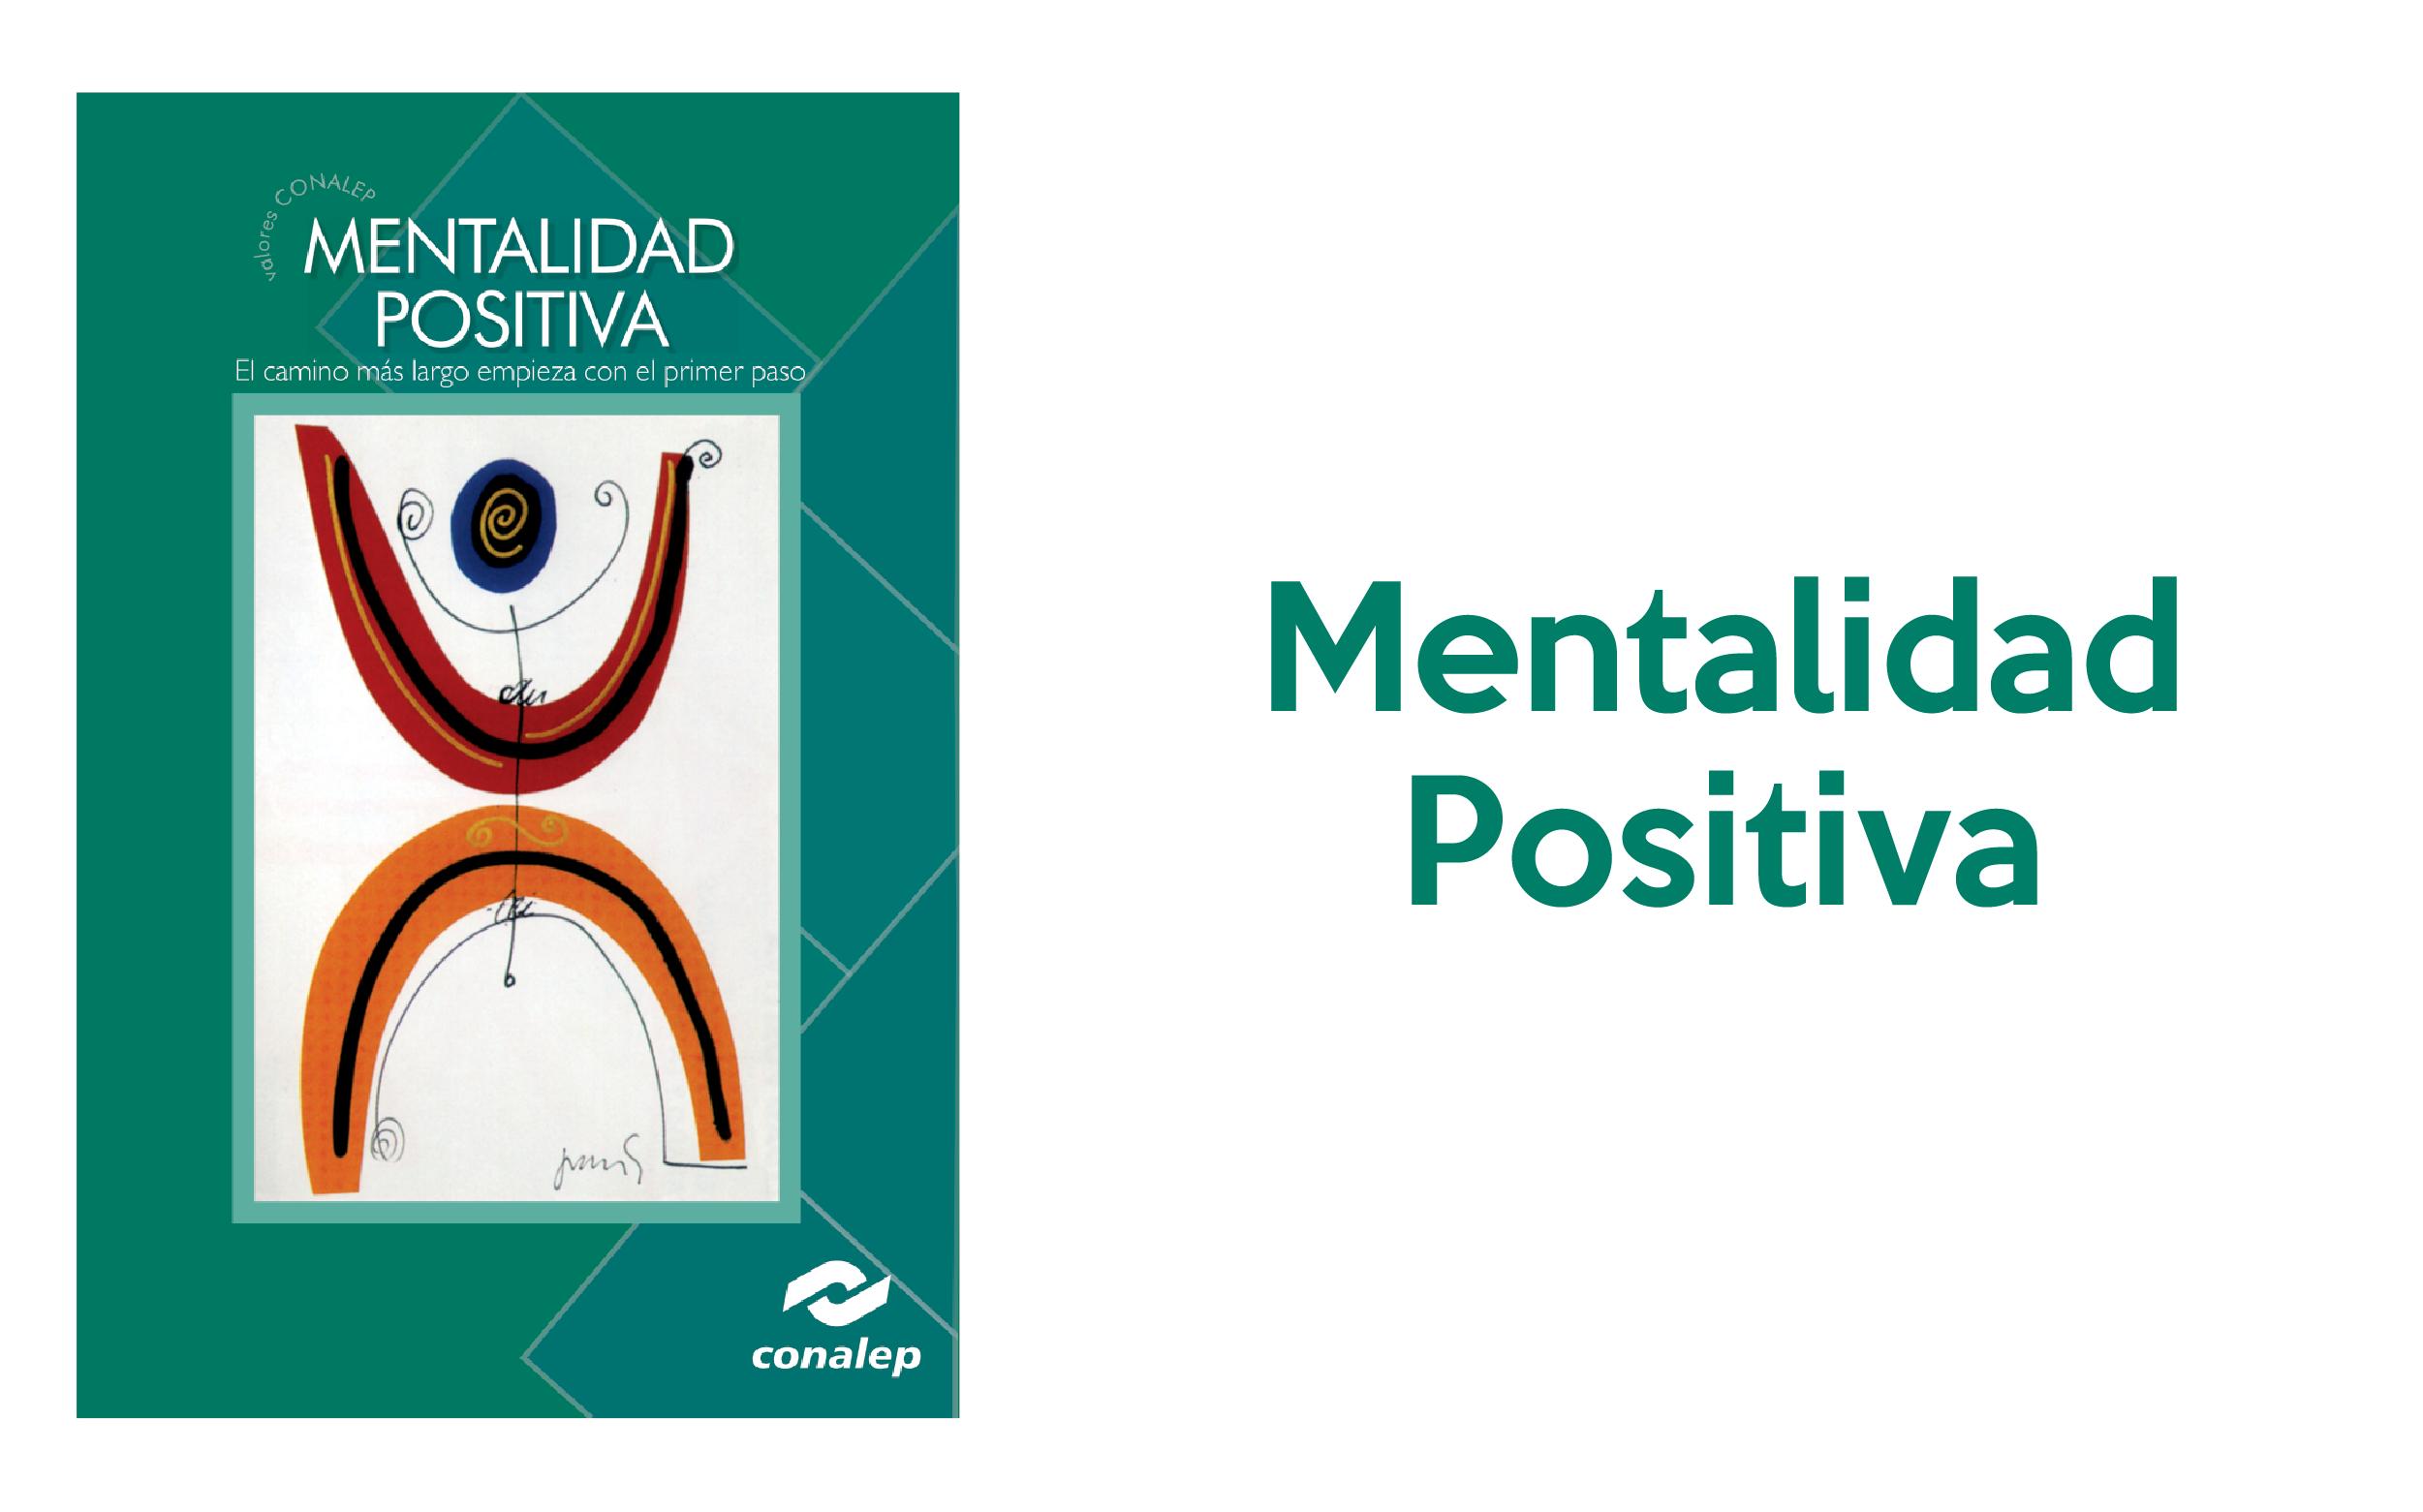 /cms/uploads/image/file/344795/Mentalidad_Positiva.png